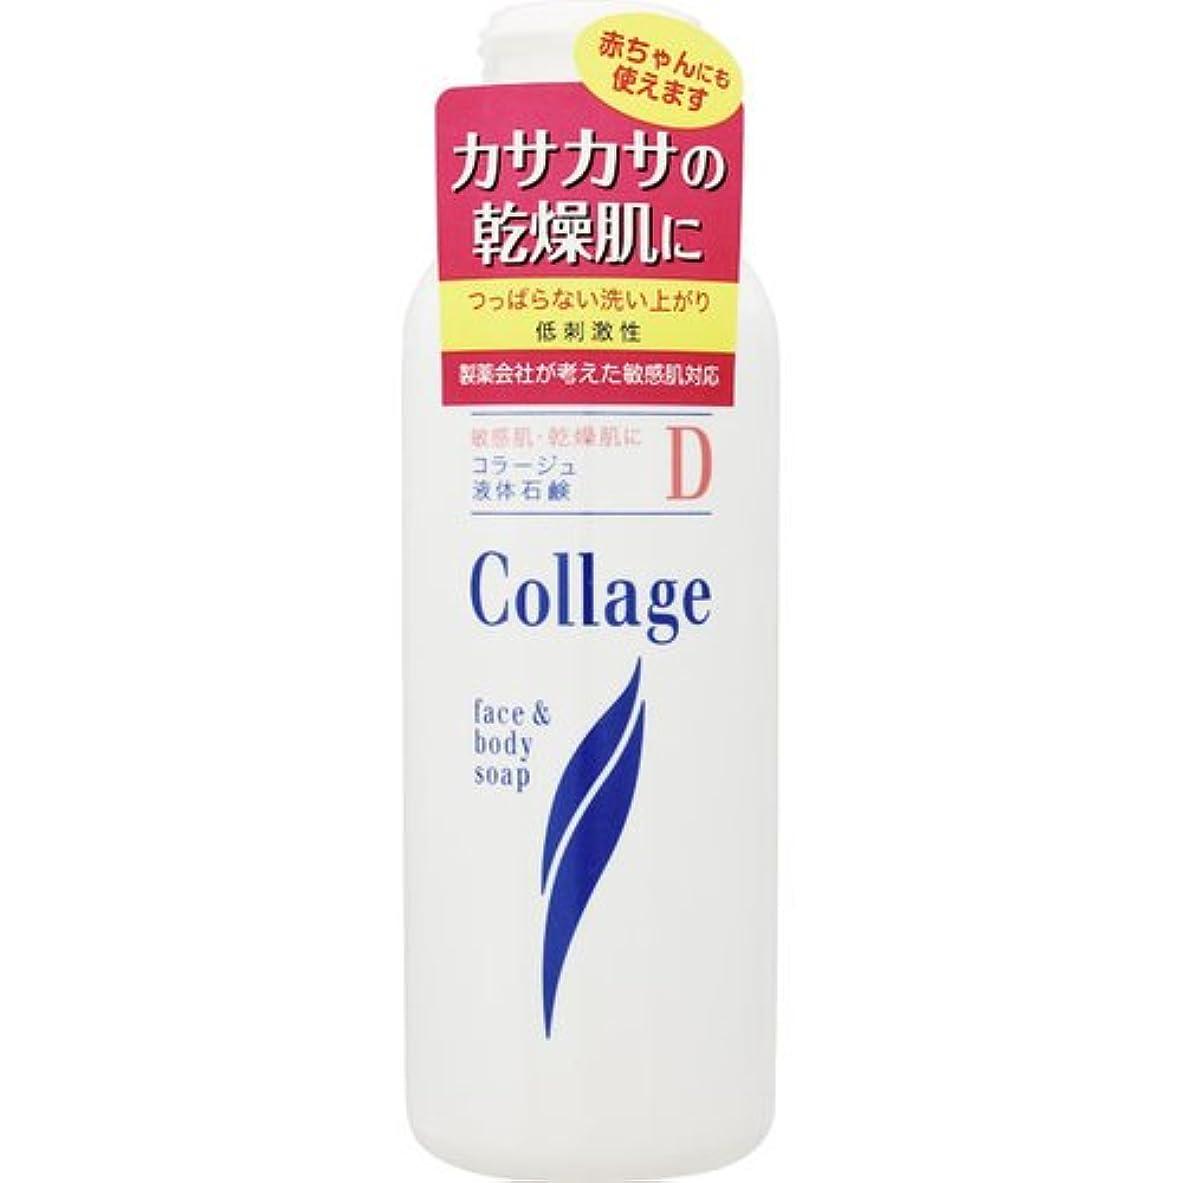 付き添い人関連付ける遠征持田ヘルスケア コラージュD液体石鹸 (200mL) 敏感肌 液体洗顔料 コラージュ